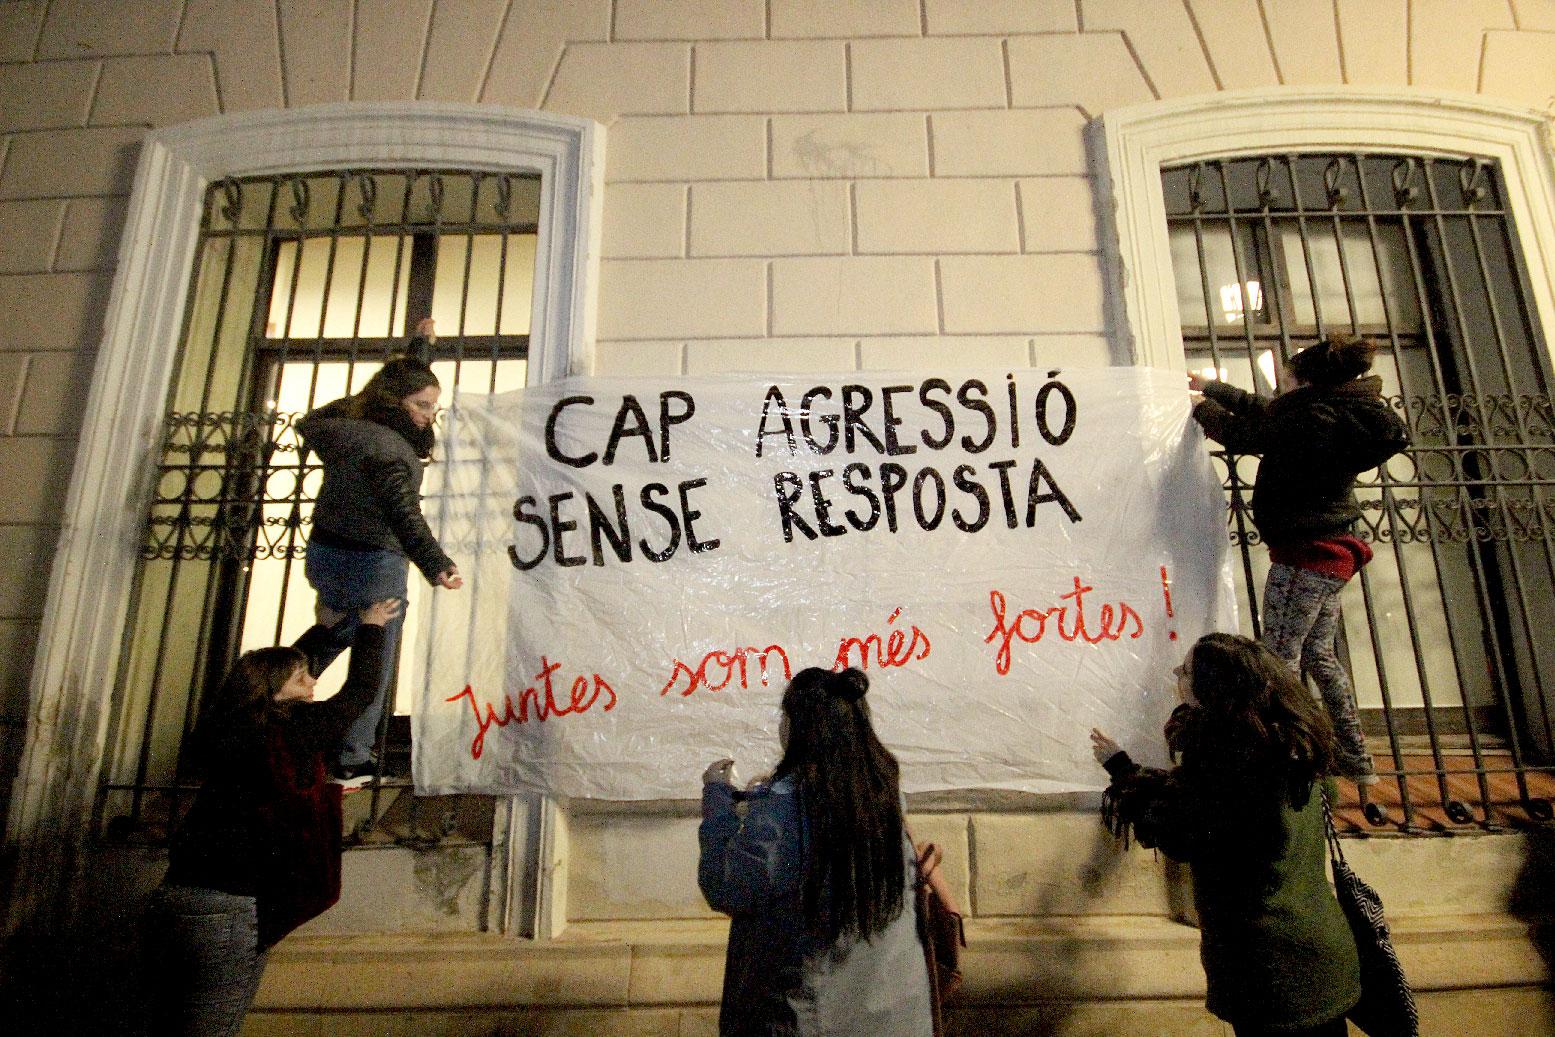 Tras la agresión sexual, el rechazo cívico llena la Plaça Sant Roc (4000 personas) y emociona 3